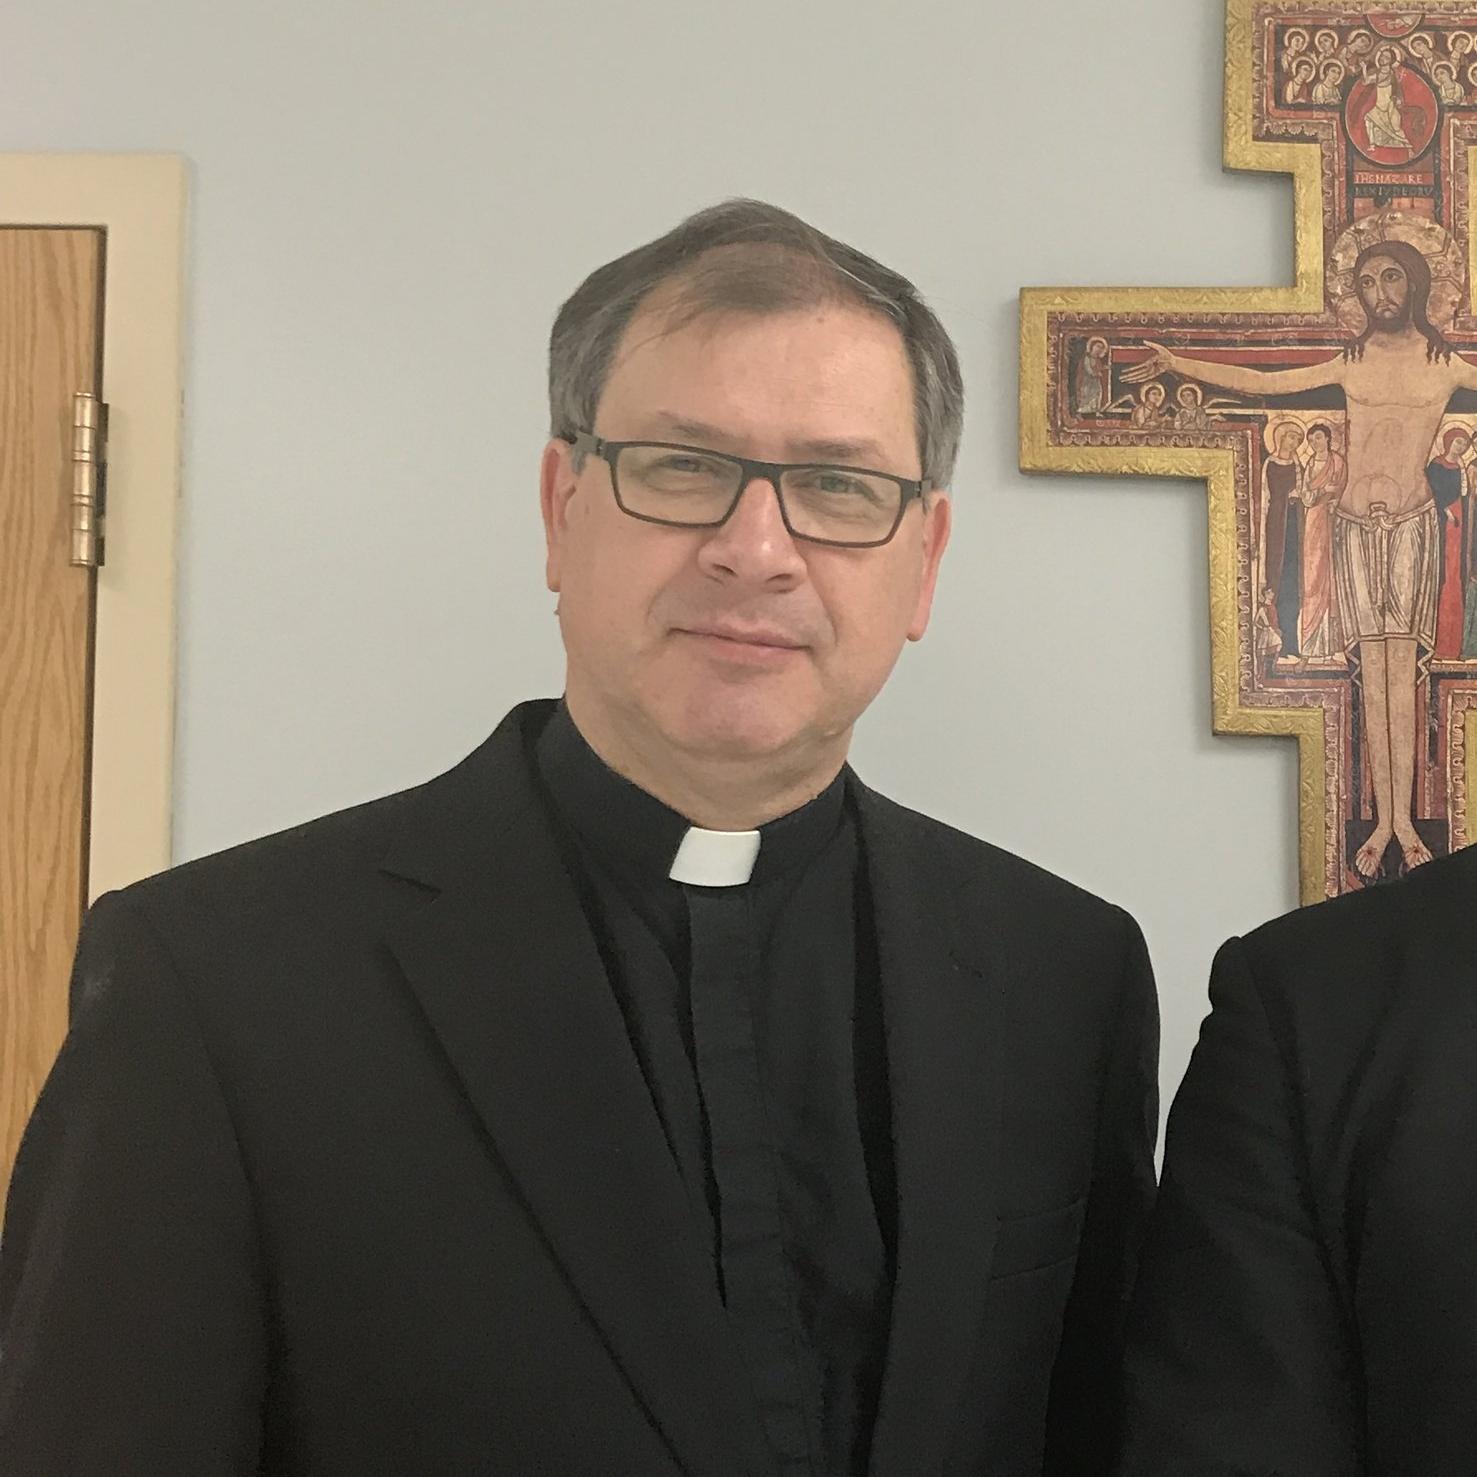 Father Stan Poszwa